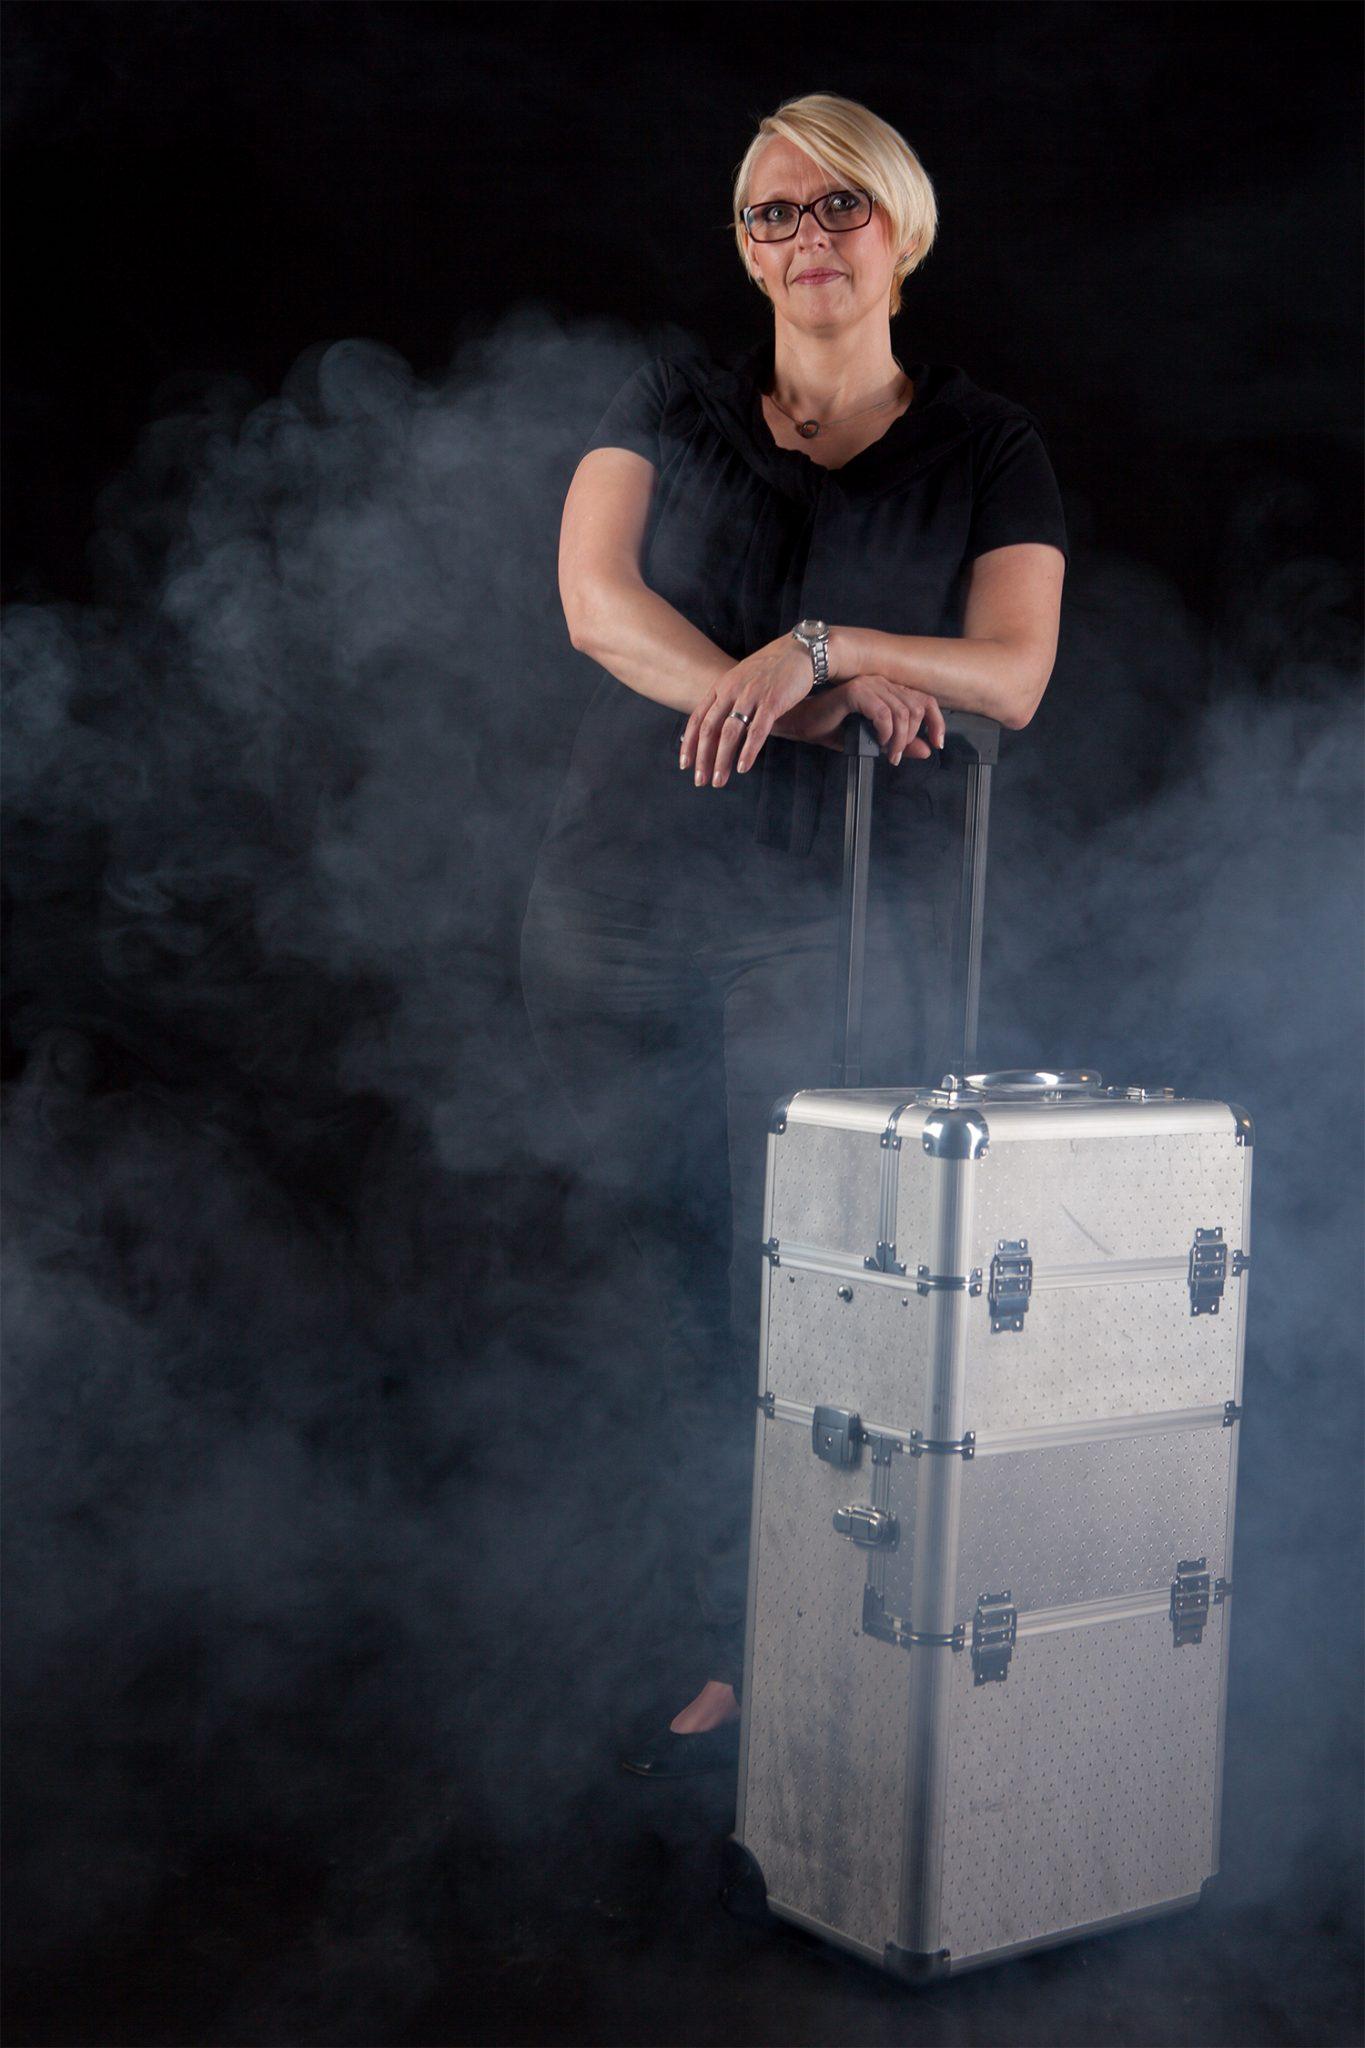 Esmie-koffer